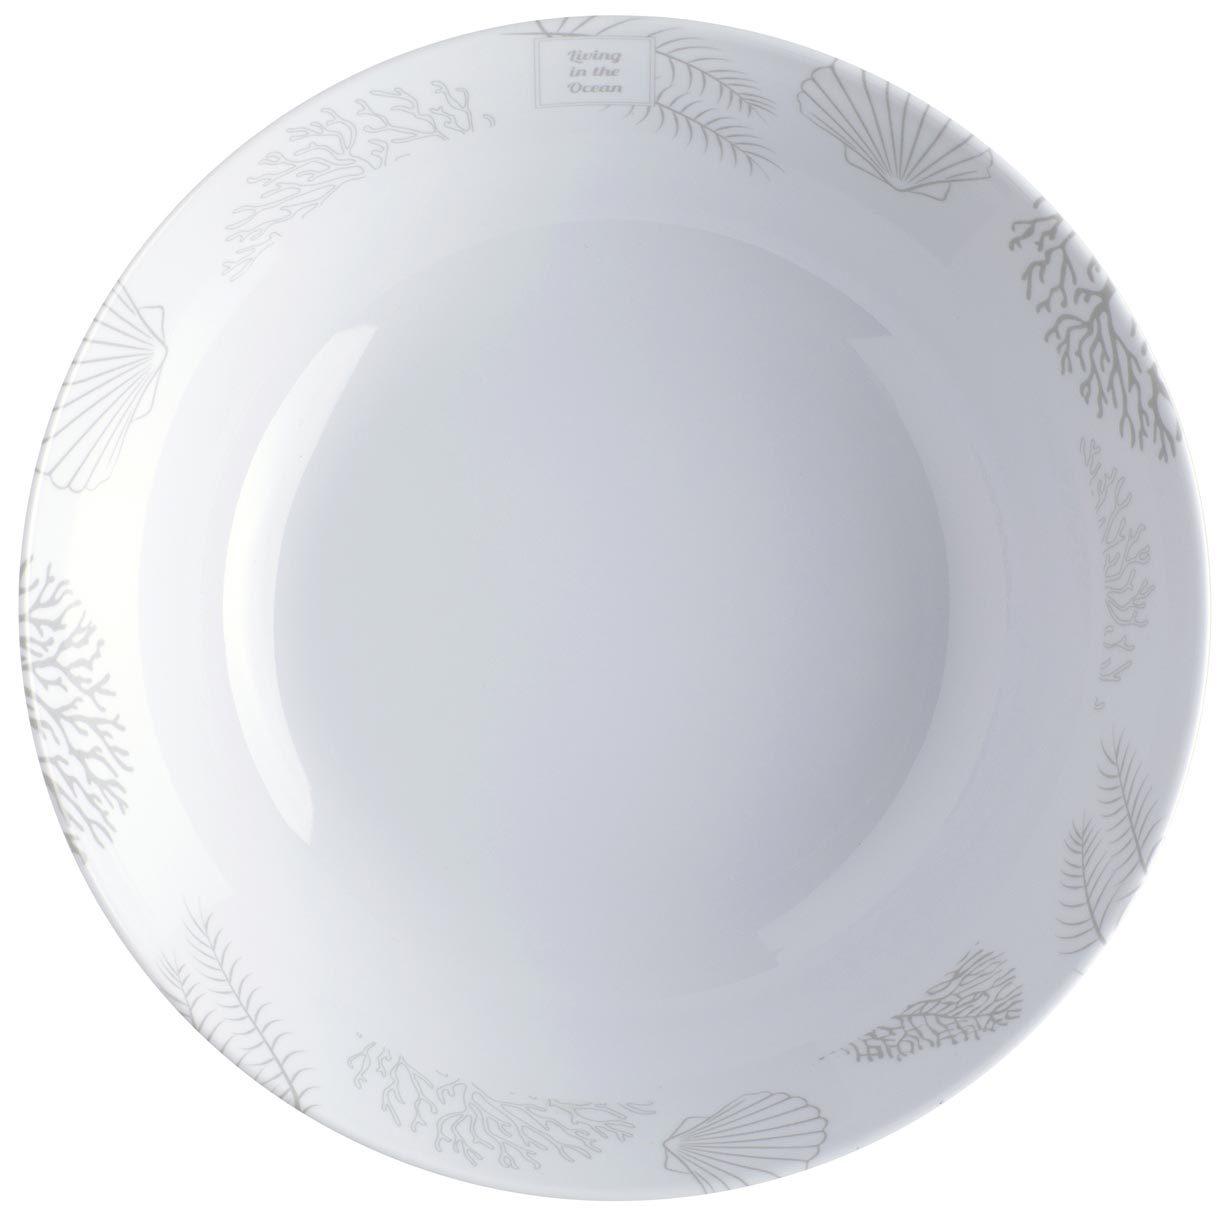 Melamine Bowl, Living